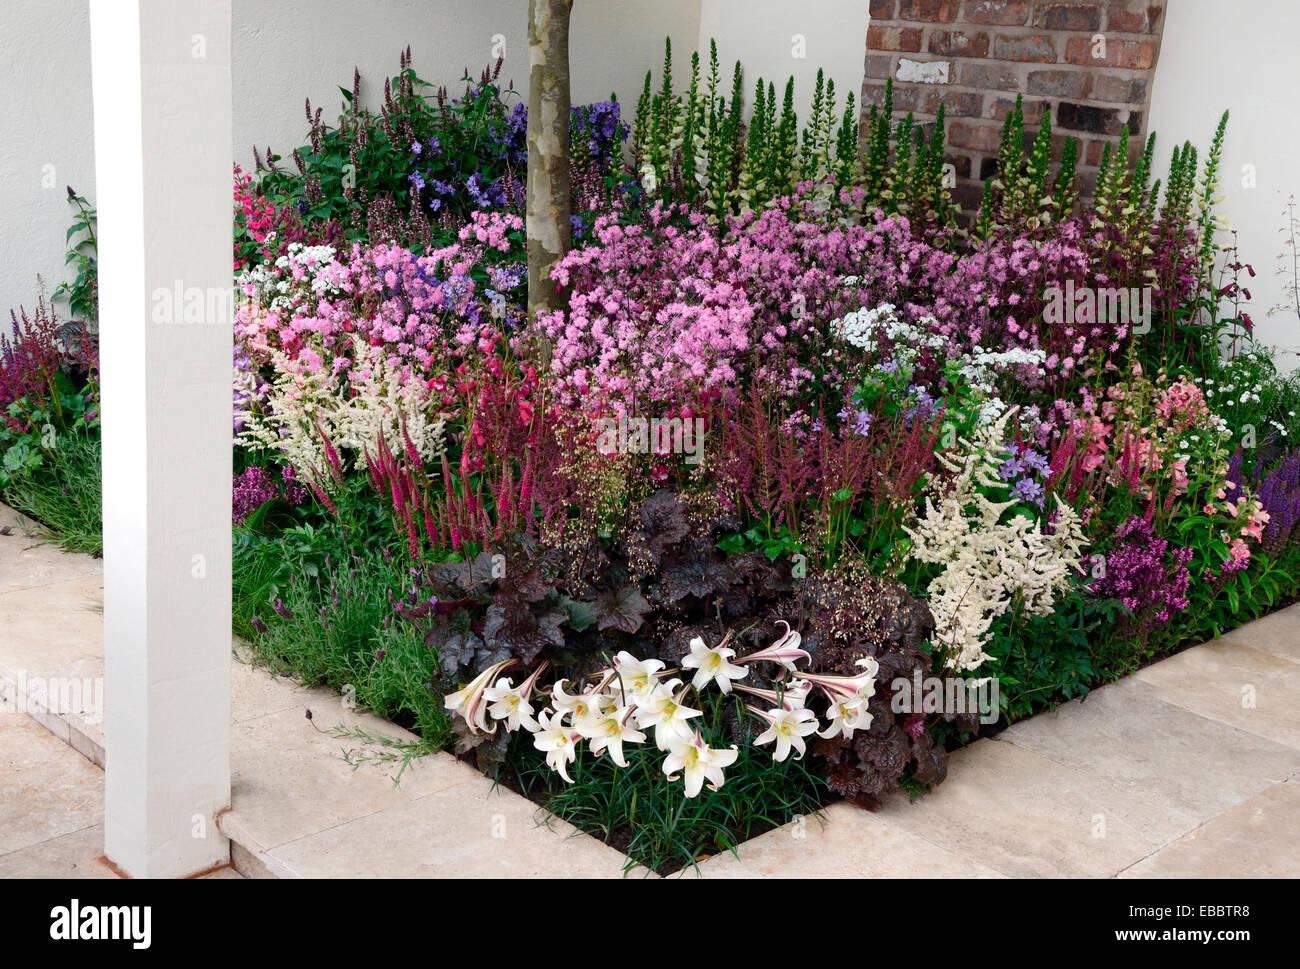 Volle Und Bunte Blumen In Einem Modernen Garten Stockfoto